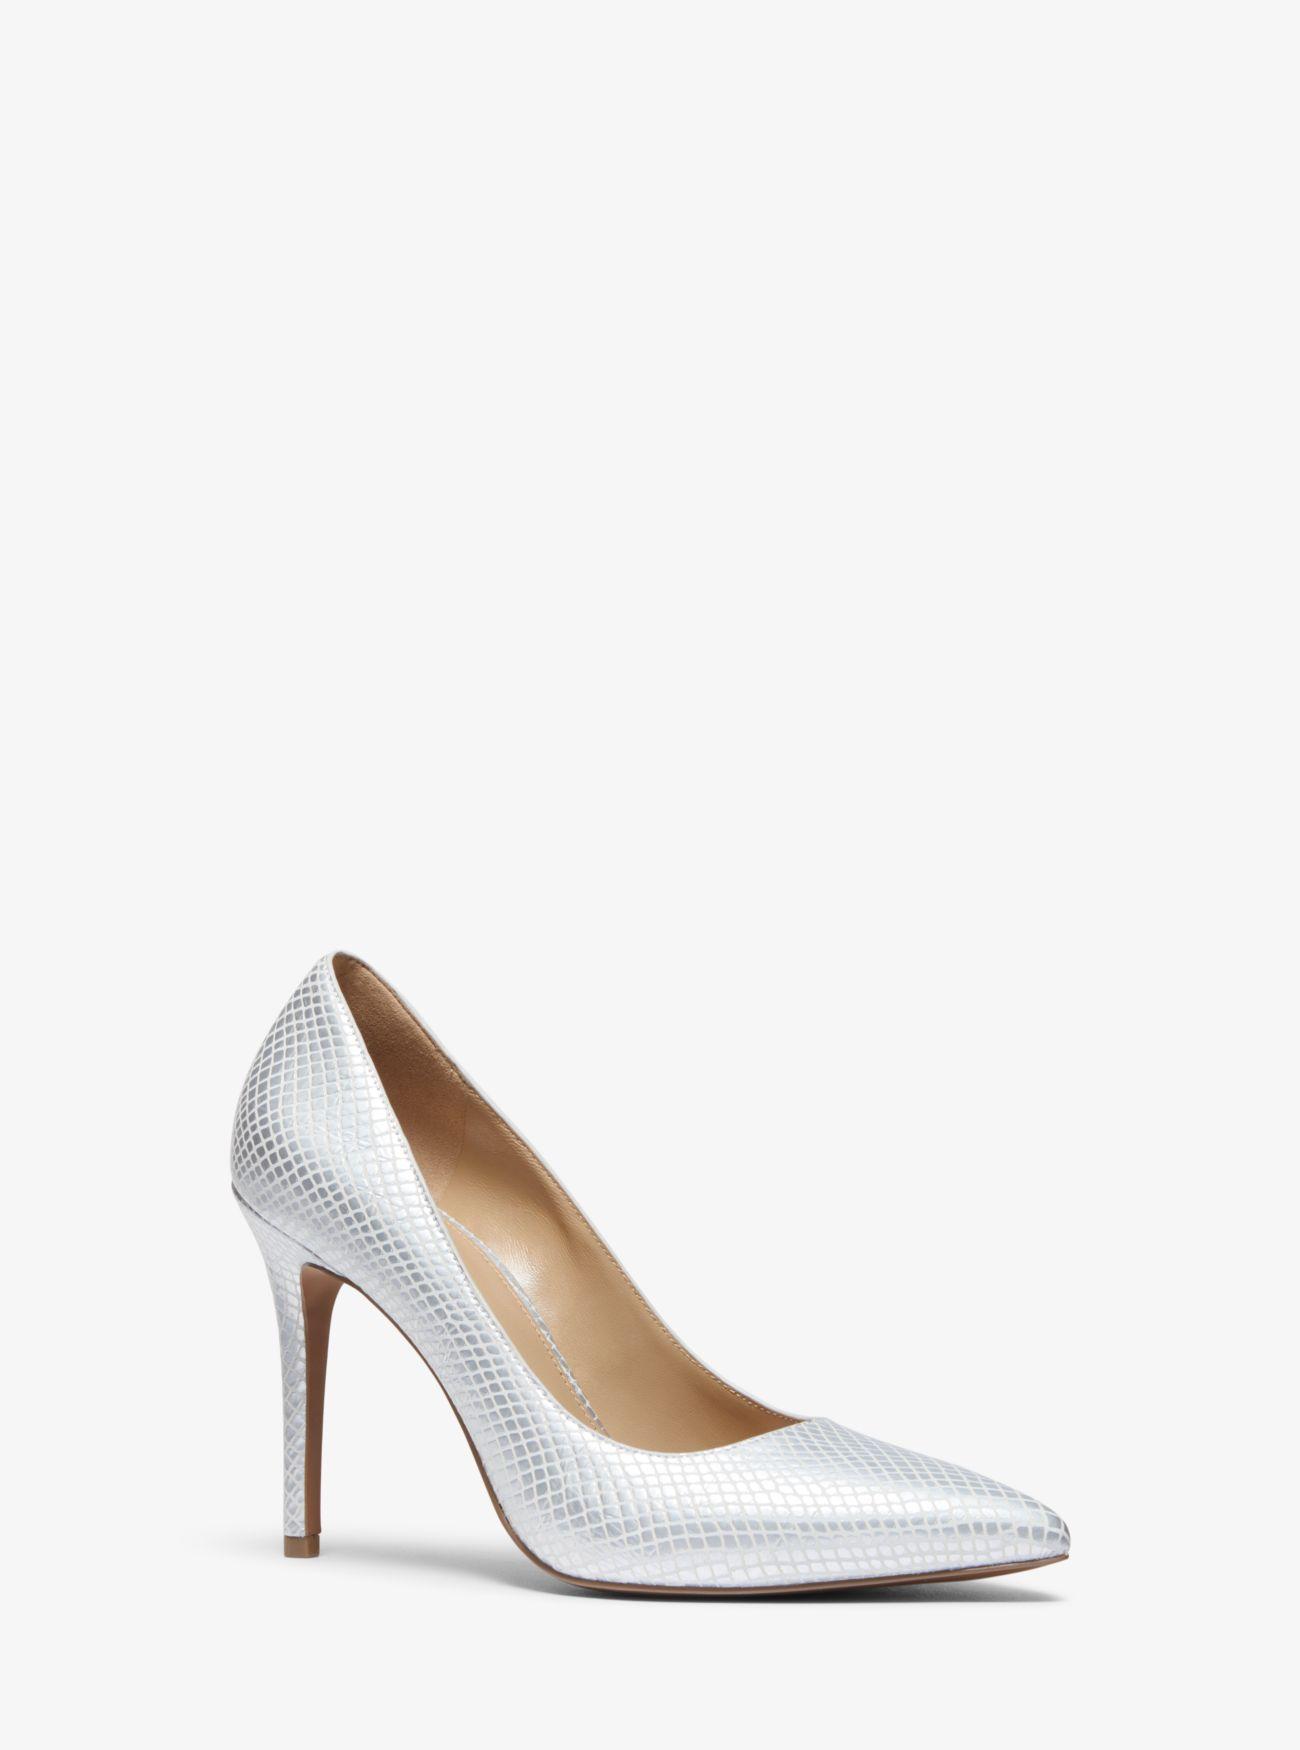 88a6a7ff6f7 Zapato de salón Claire de piel en relieve metalizada con motivos de  serpiente ...